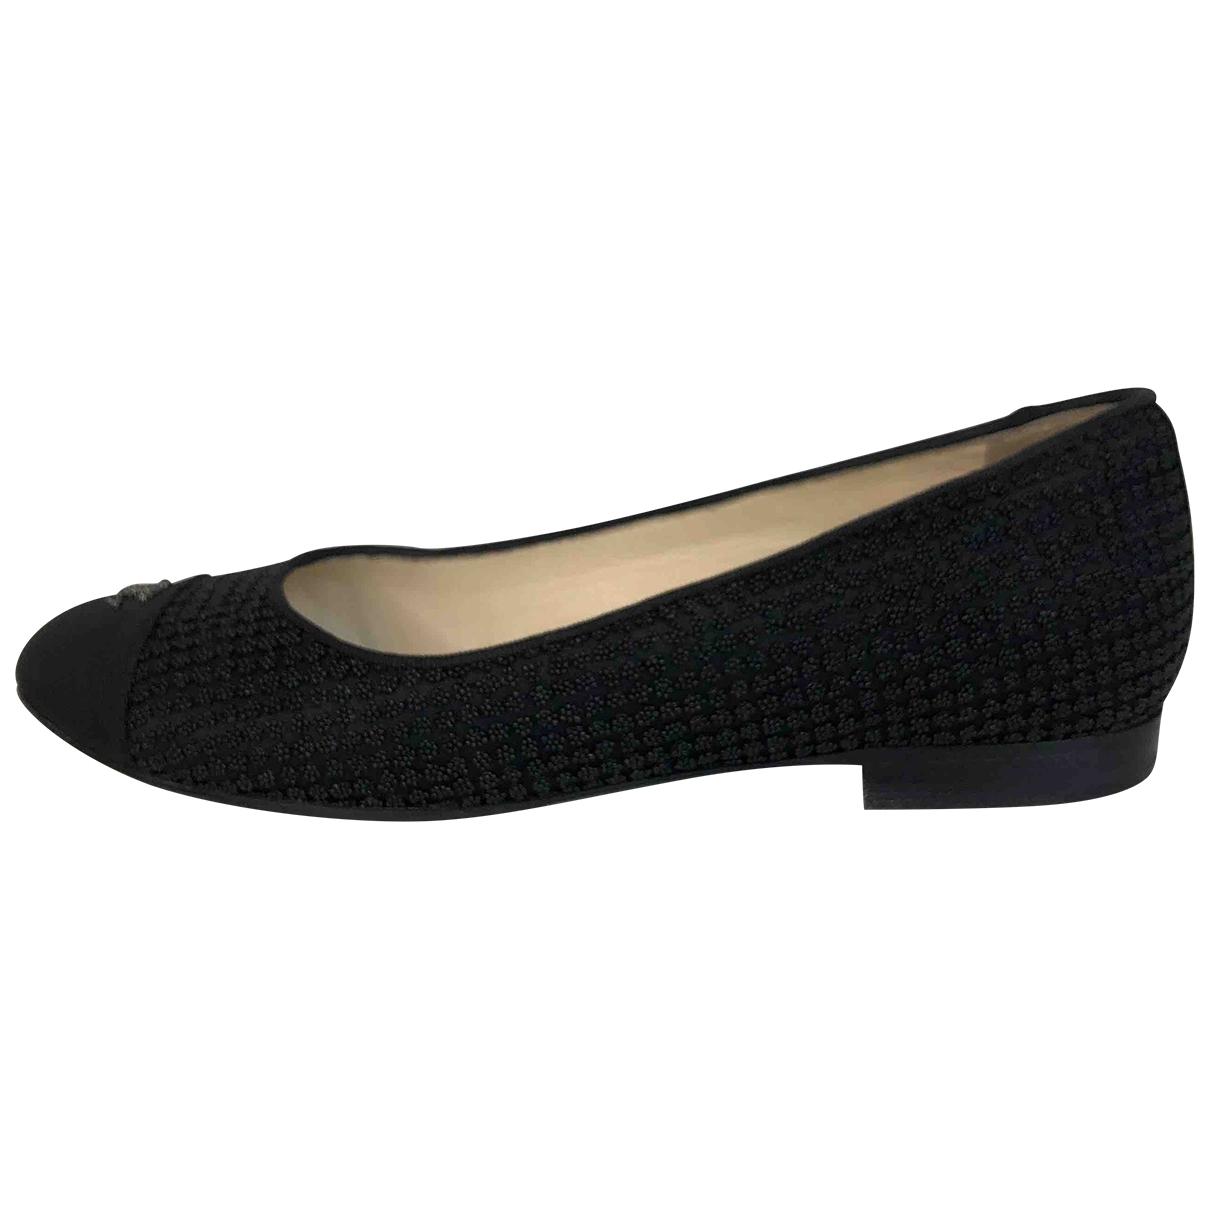 Chanel - Ballerines   pour femme en toile - noir